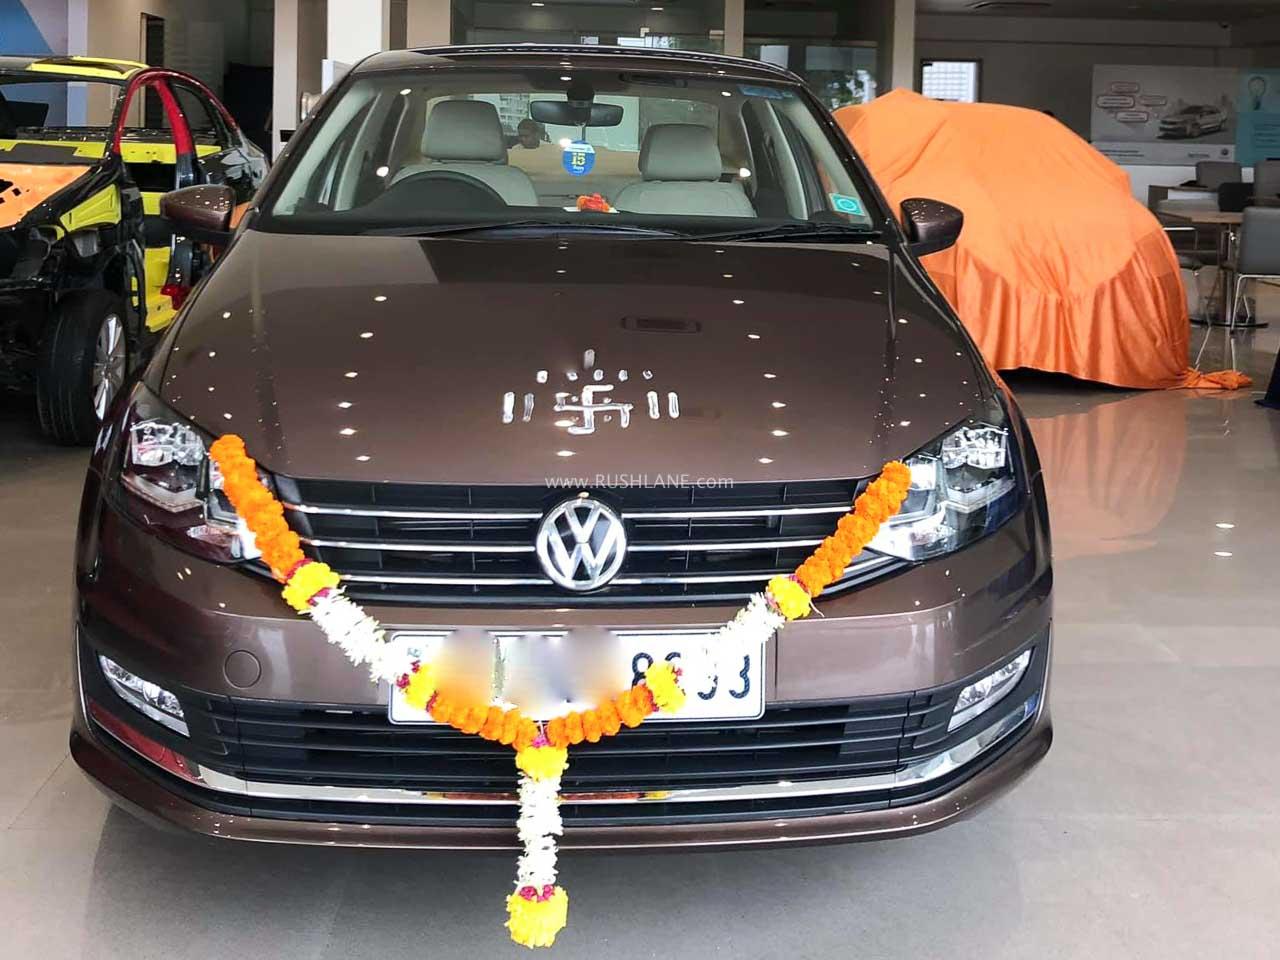 Volkswagen Vento BS6